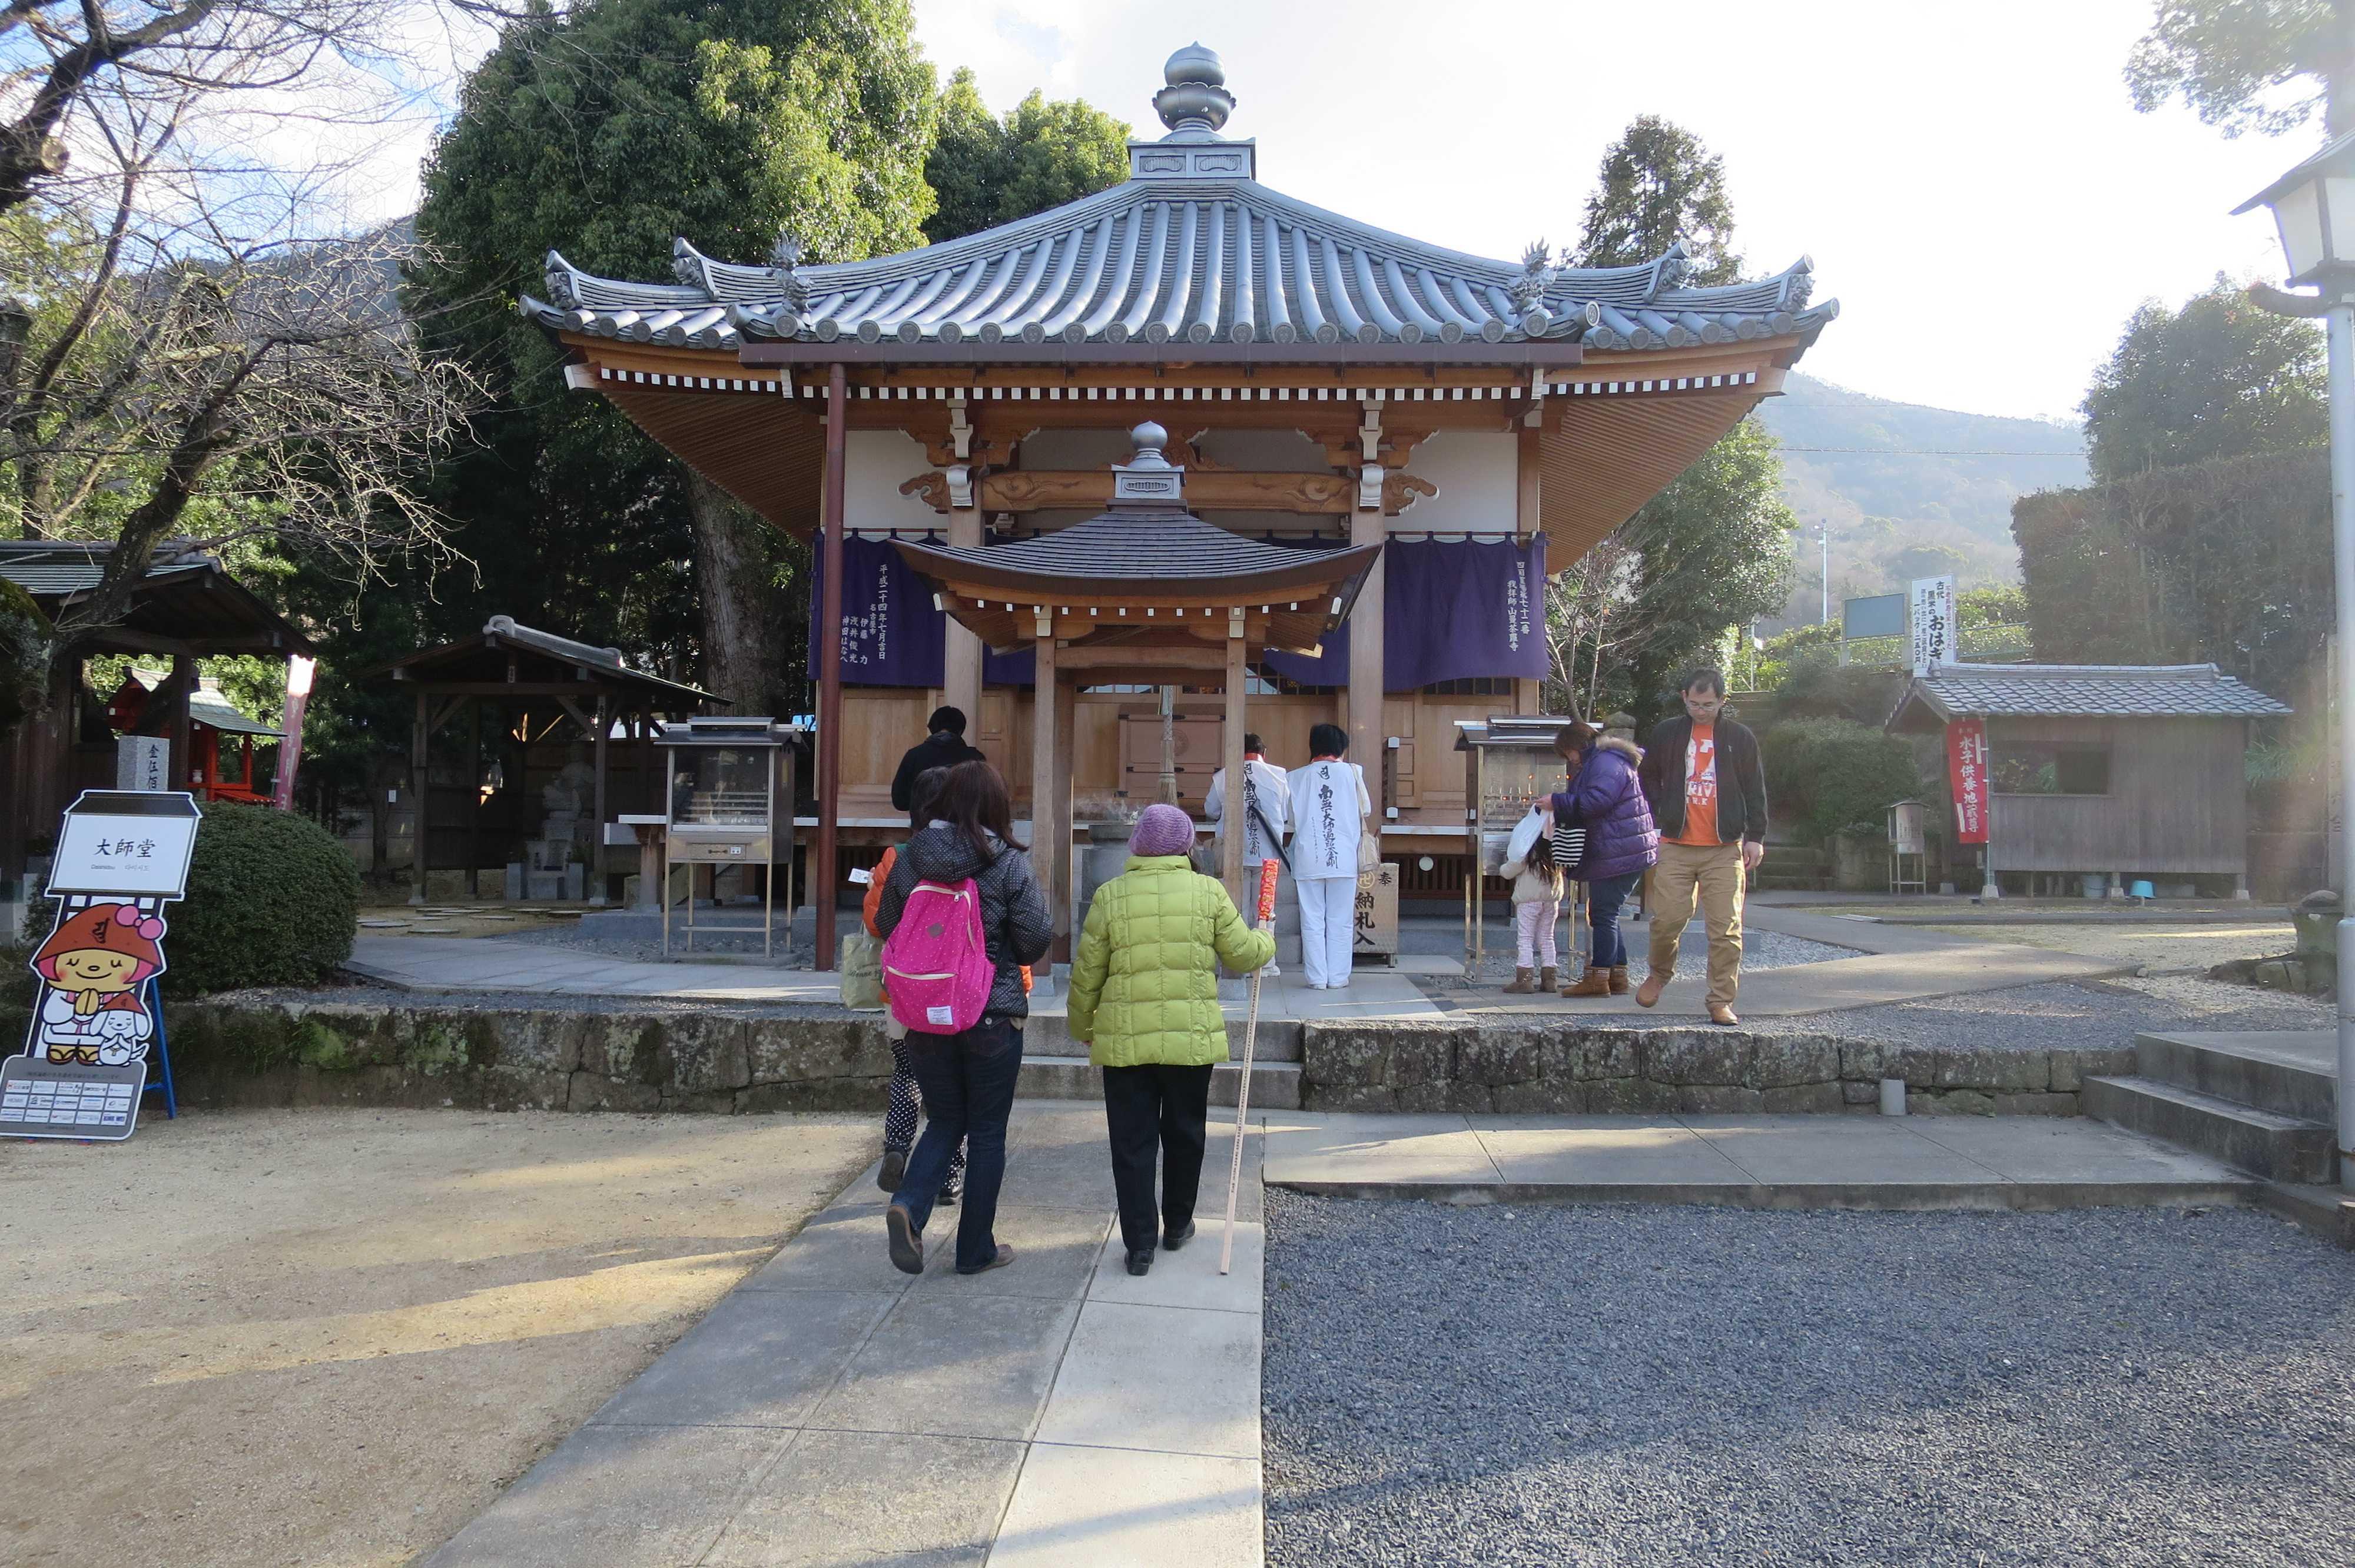 曼荼羅寺 大師堂